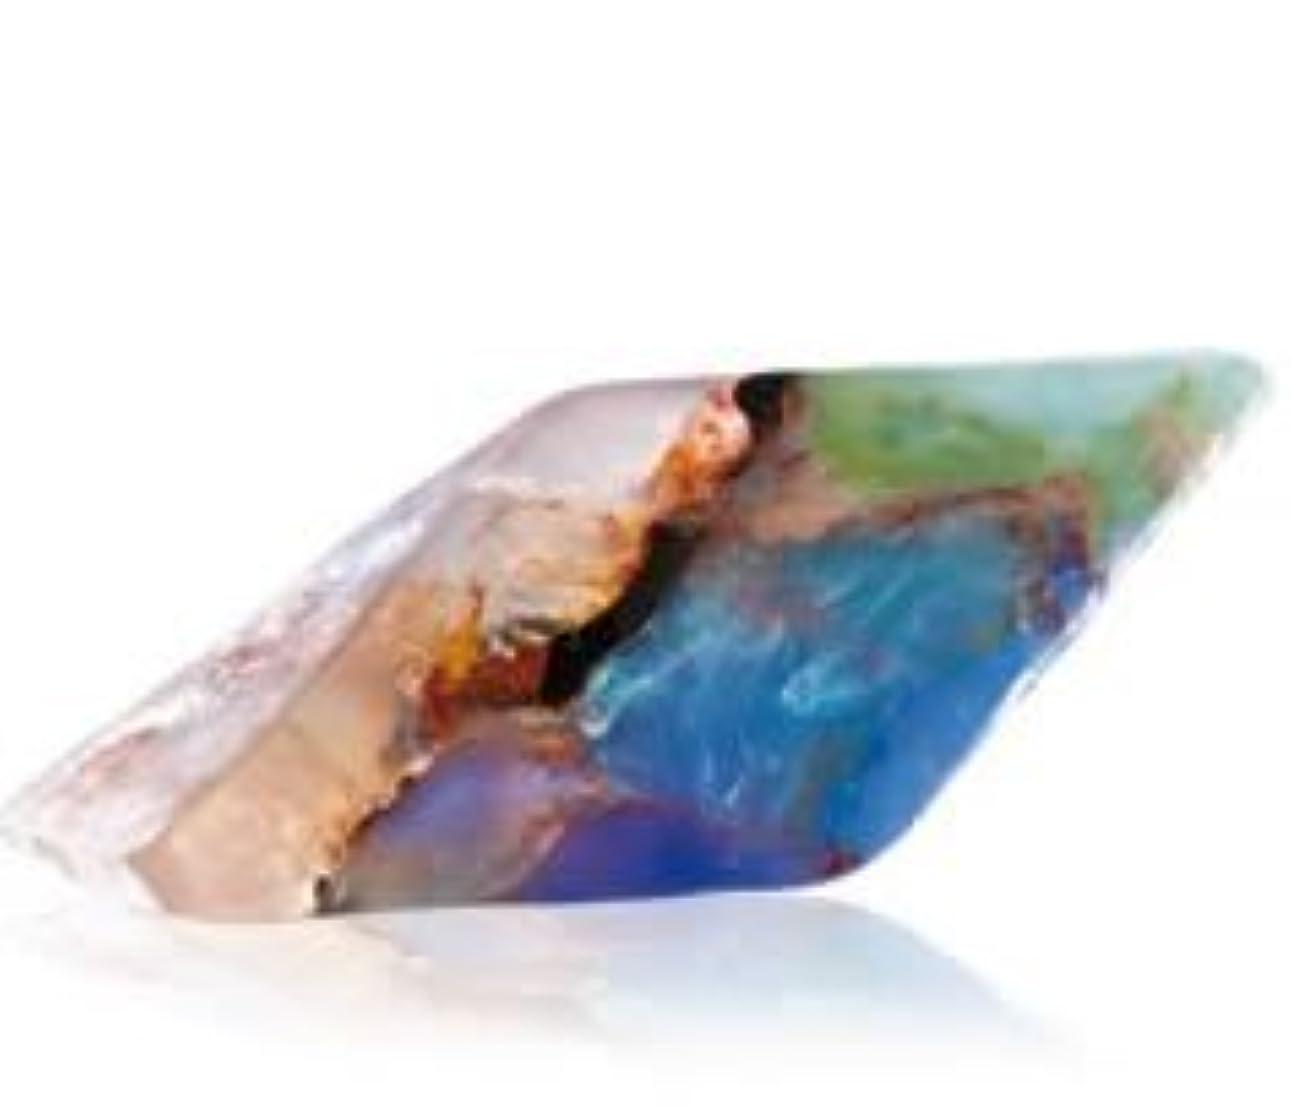 飼料キャッチ約束するSavons Gemme サボンジェム 世界で一番美しい宝石石鹸 フレグランスソープ ブラックオパール 170g